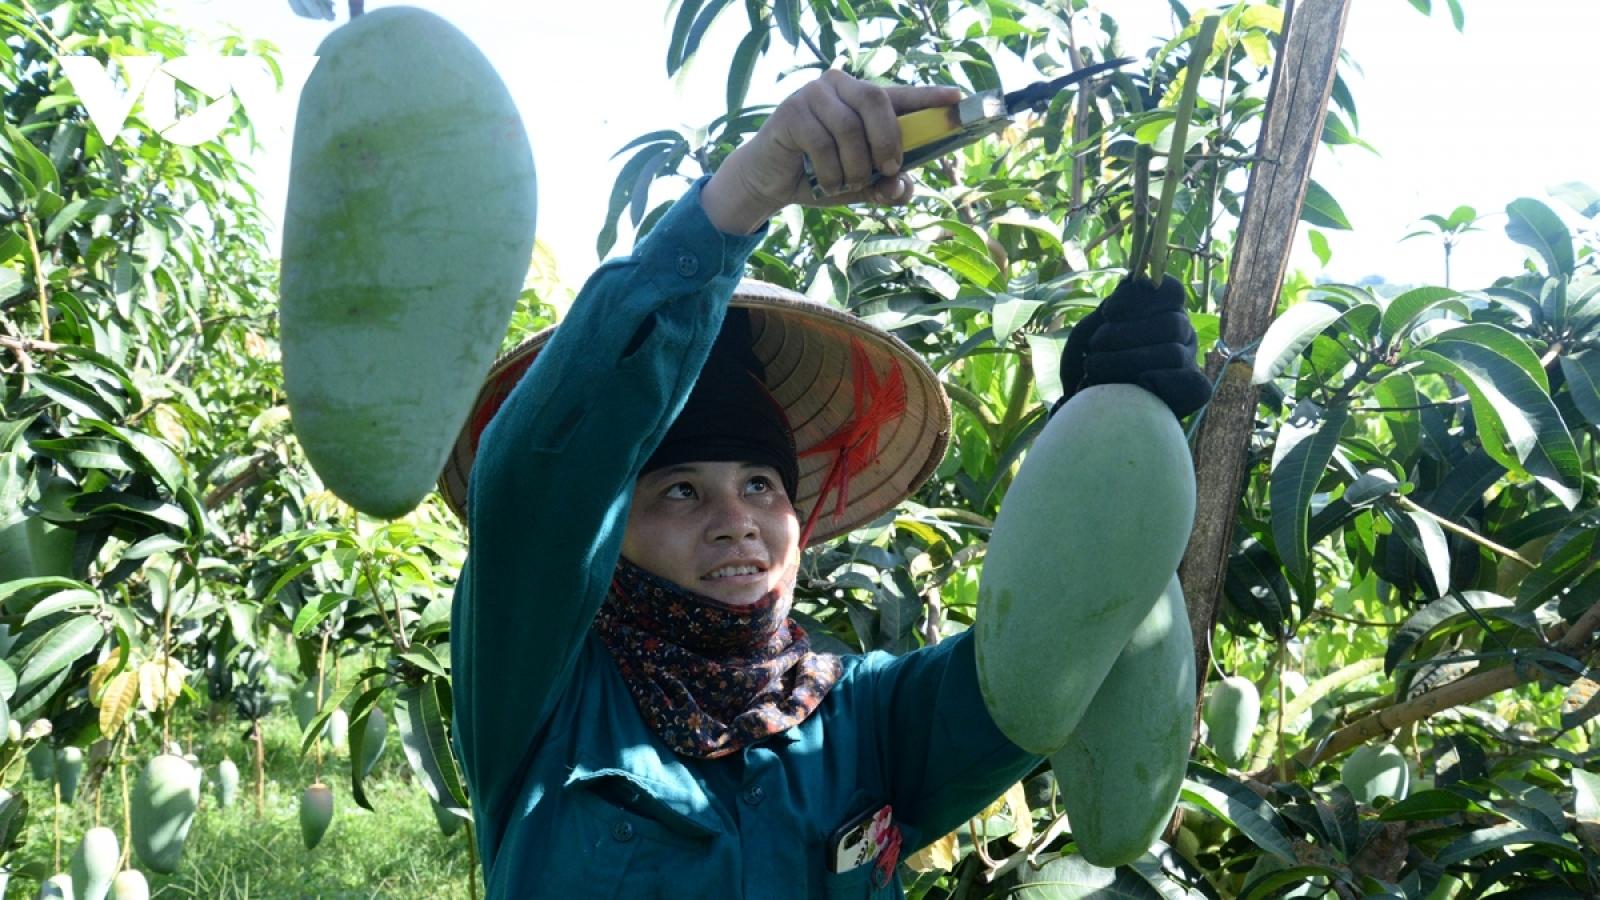 Điều chỉnh sản xuất, phương thức kinh doanh để tiêu thụ các mặt hàng nông sản